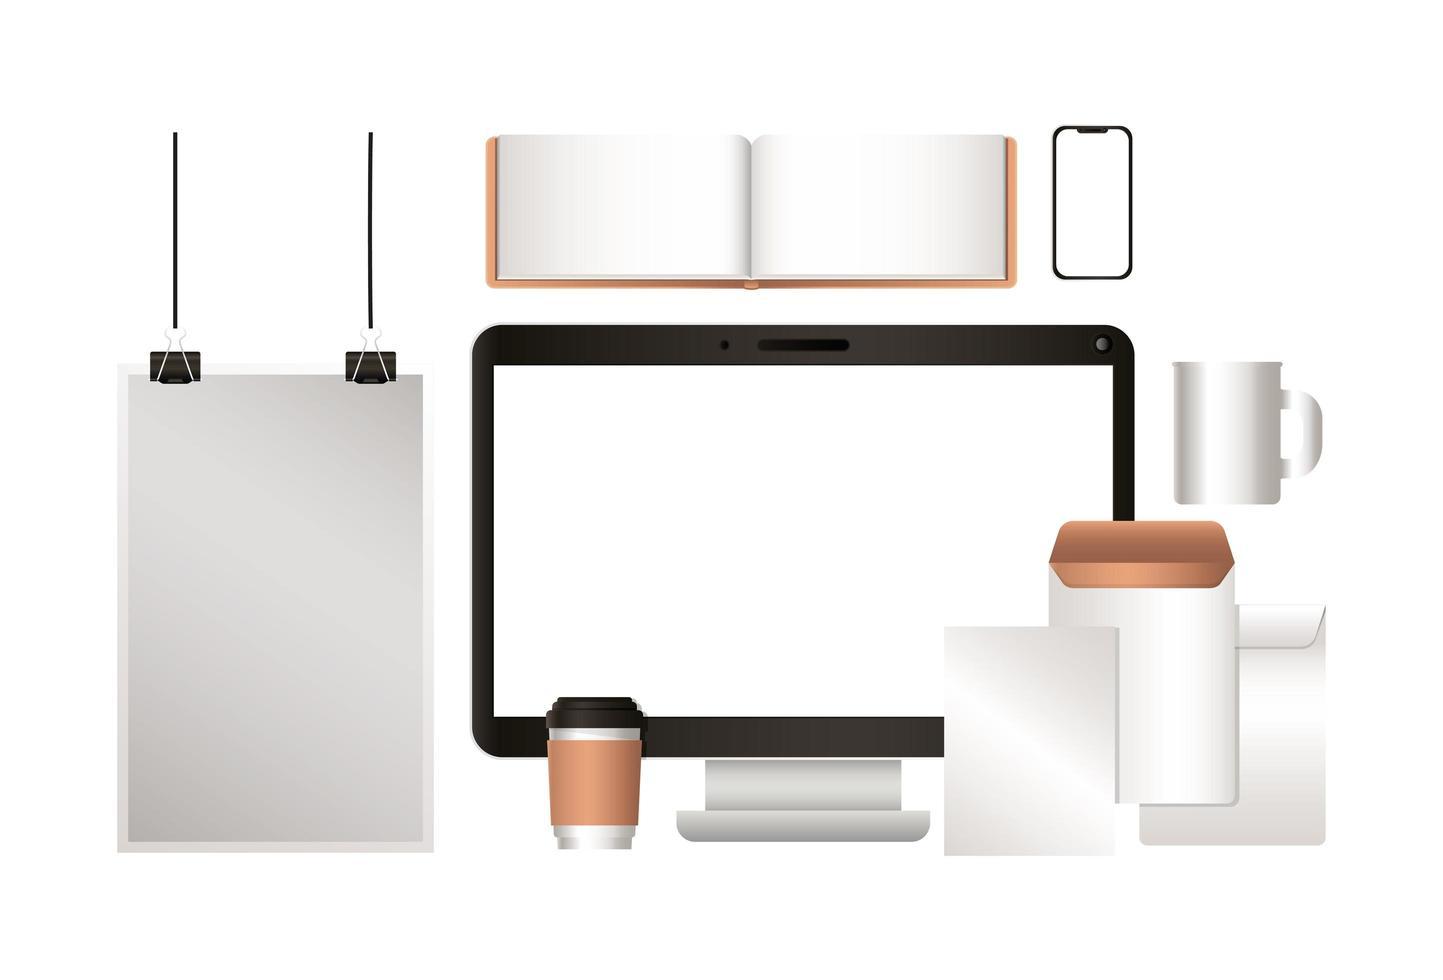 maquete de computador notebook envelopes e canecas de café design vetor